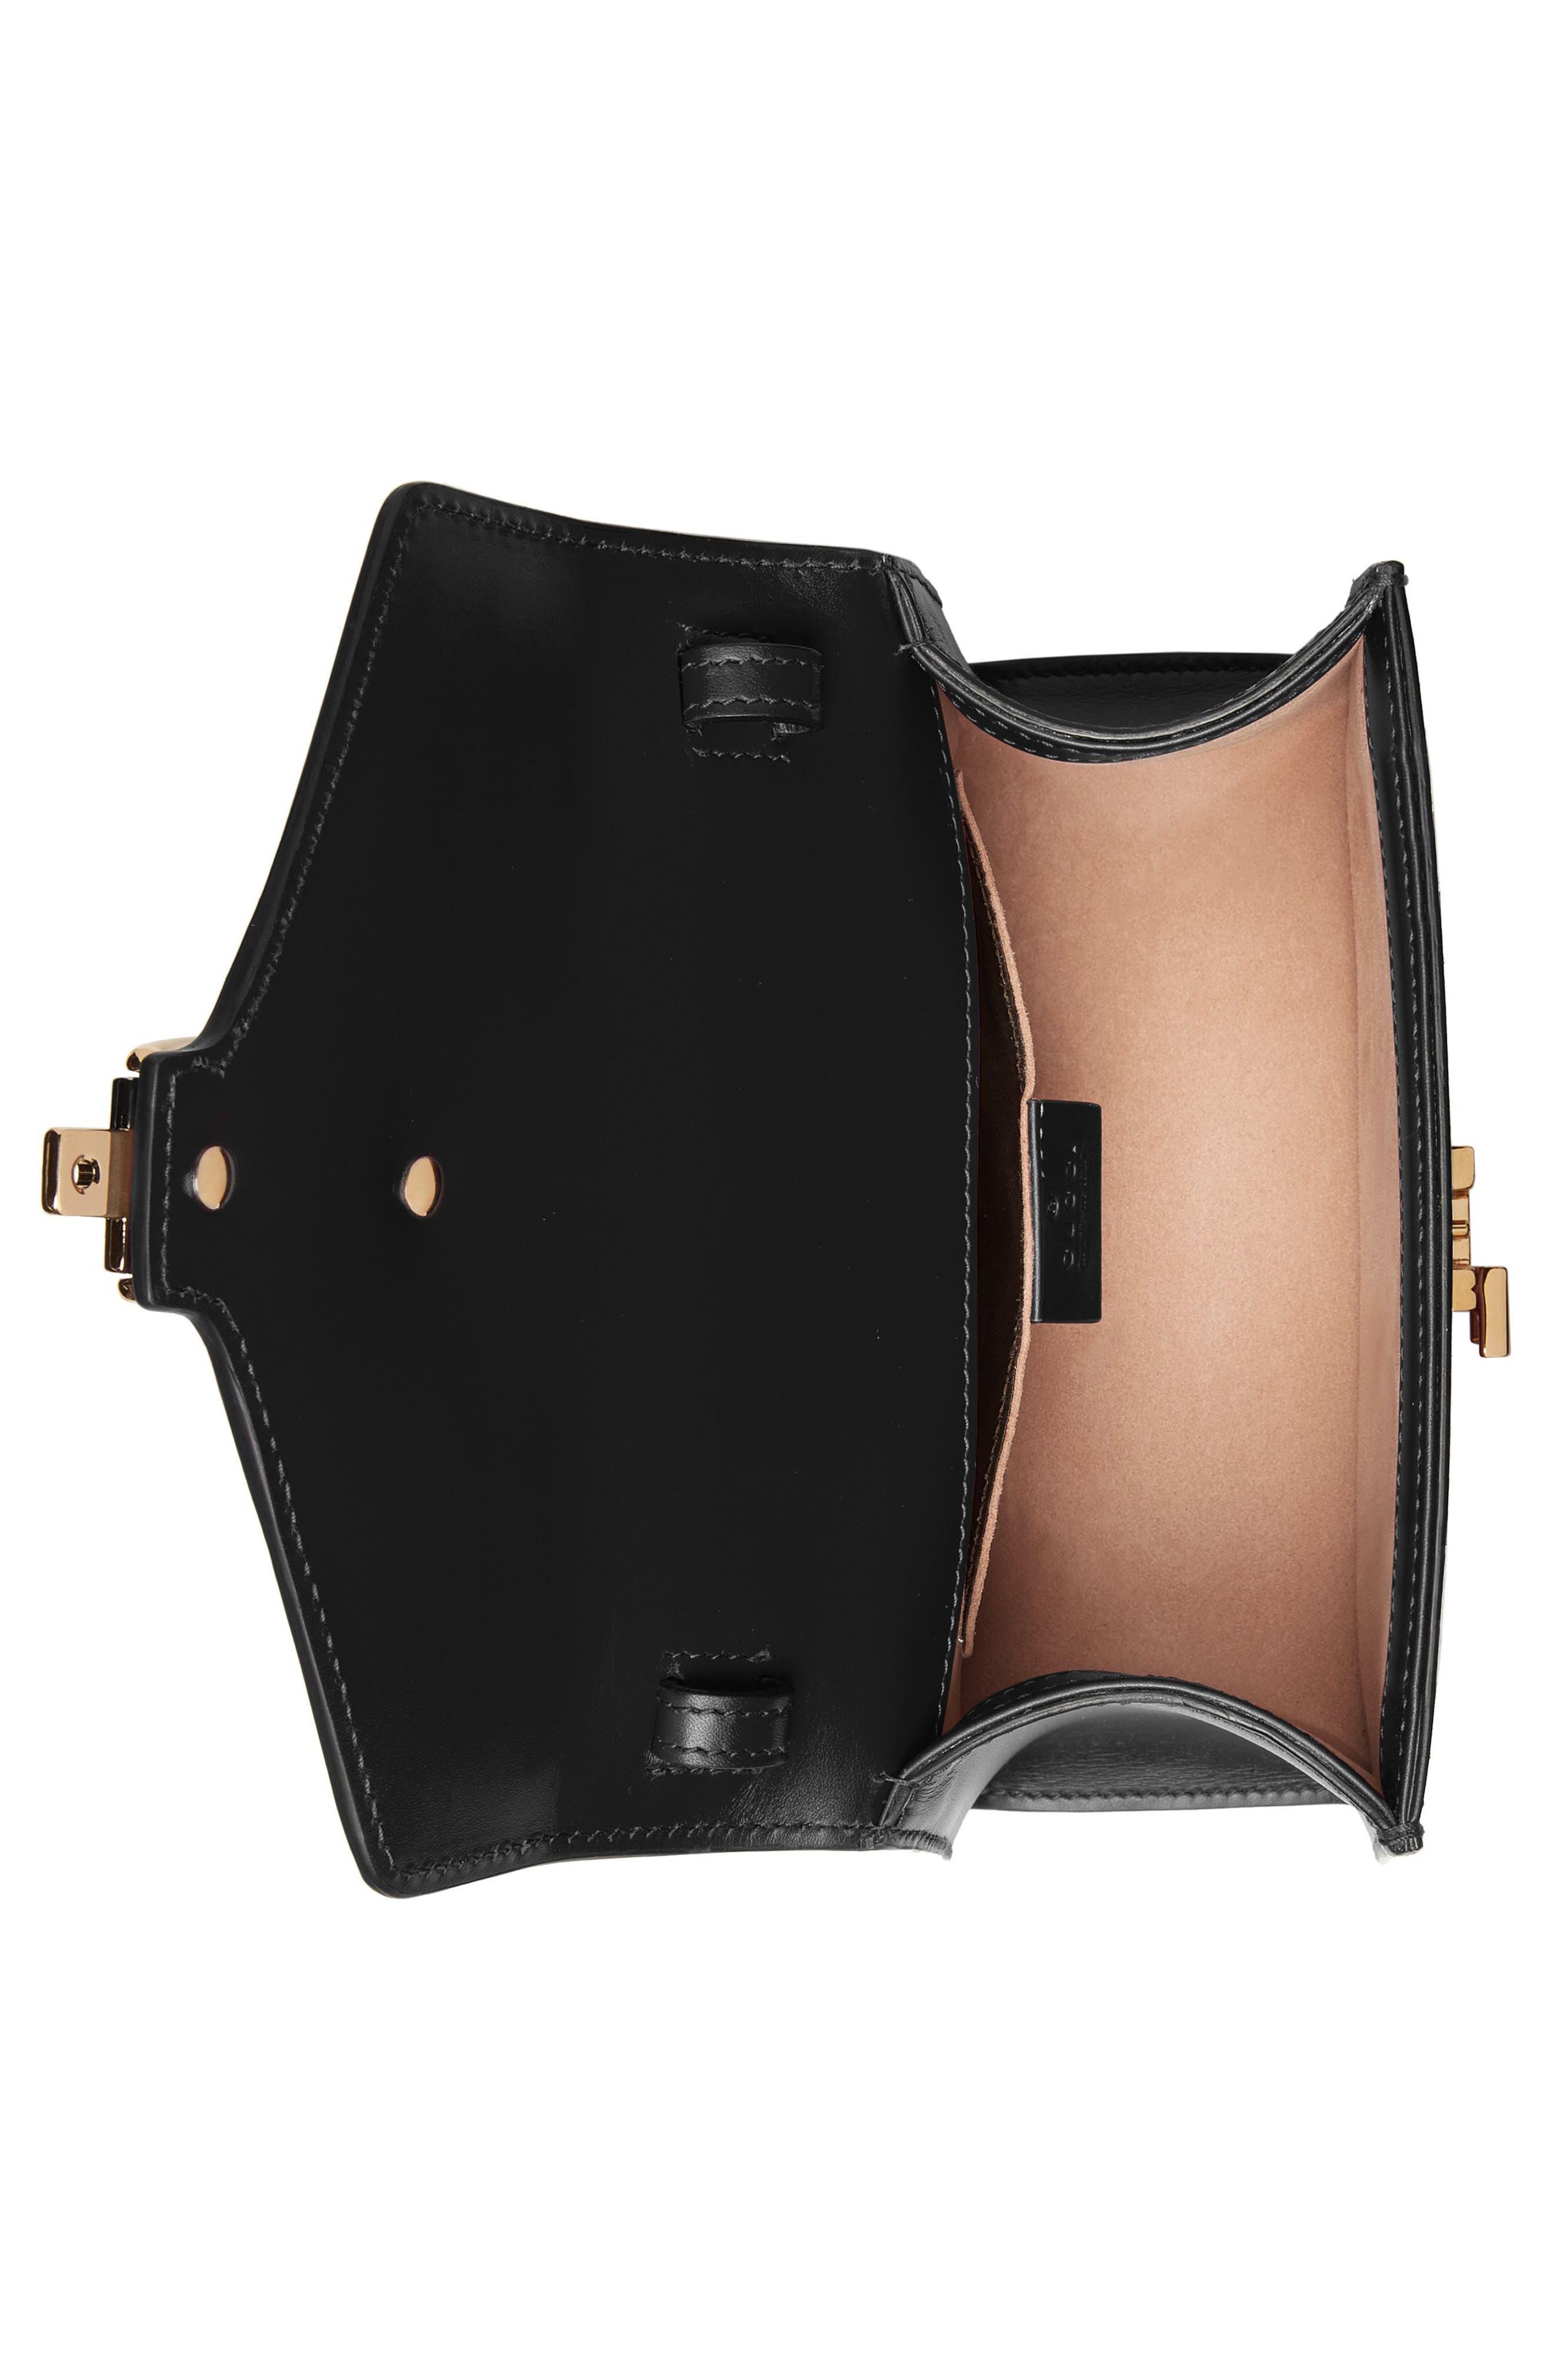 Mini Sylvie Top Handle Leather Shoulder Bag,                             Alternate thumbnail 4, color,                             8639 NERO/VRV